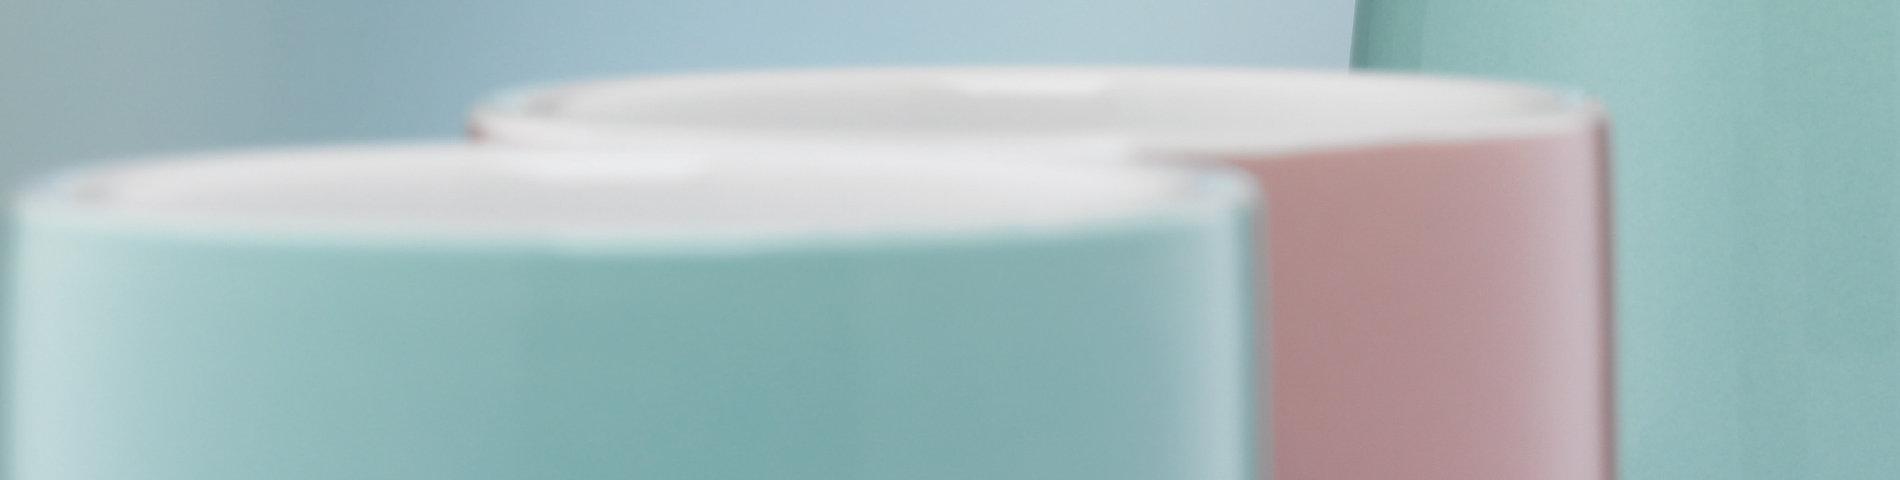 Bad-Accessoires Lindano übersichtlich aufgelistet, farblich zusammenpassend